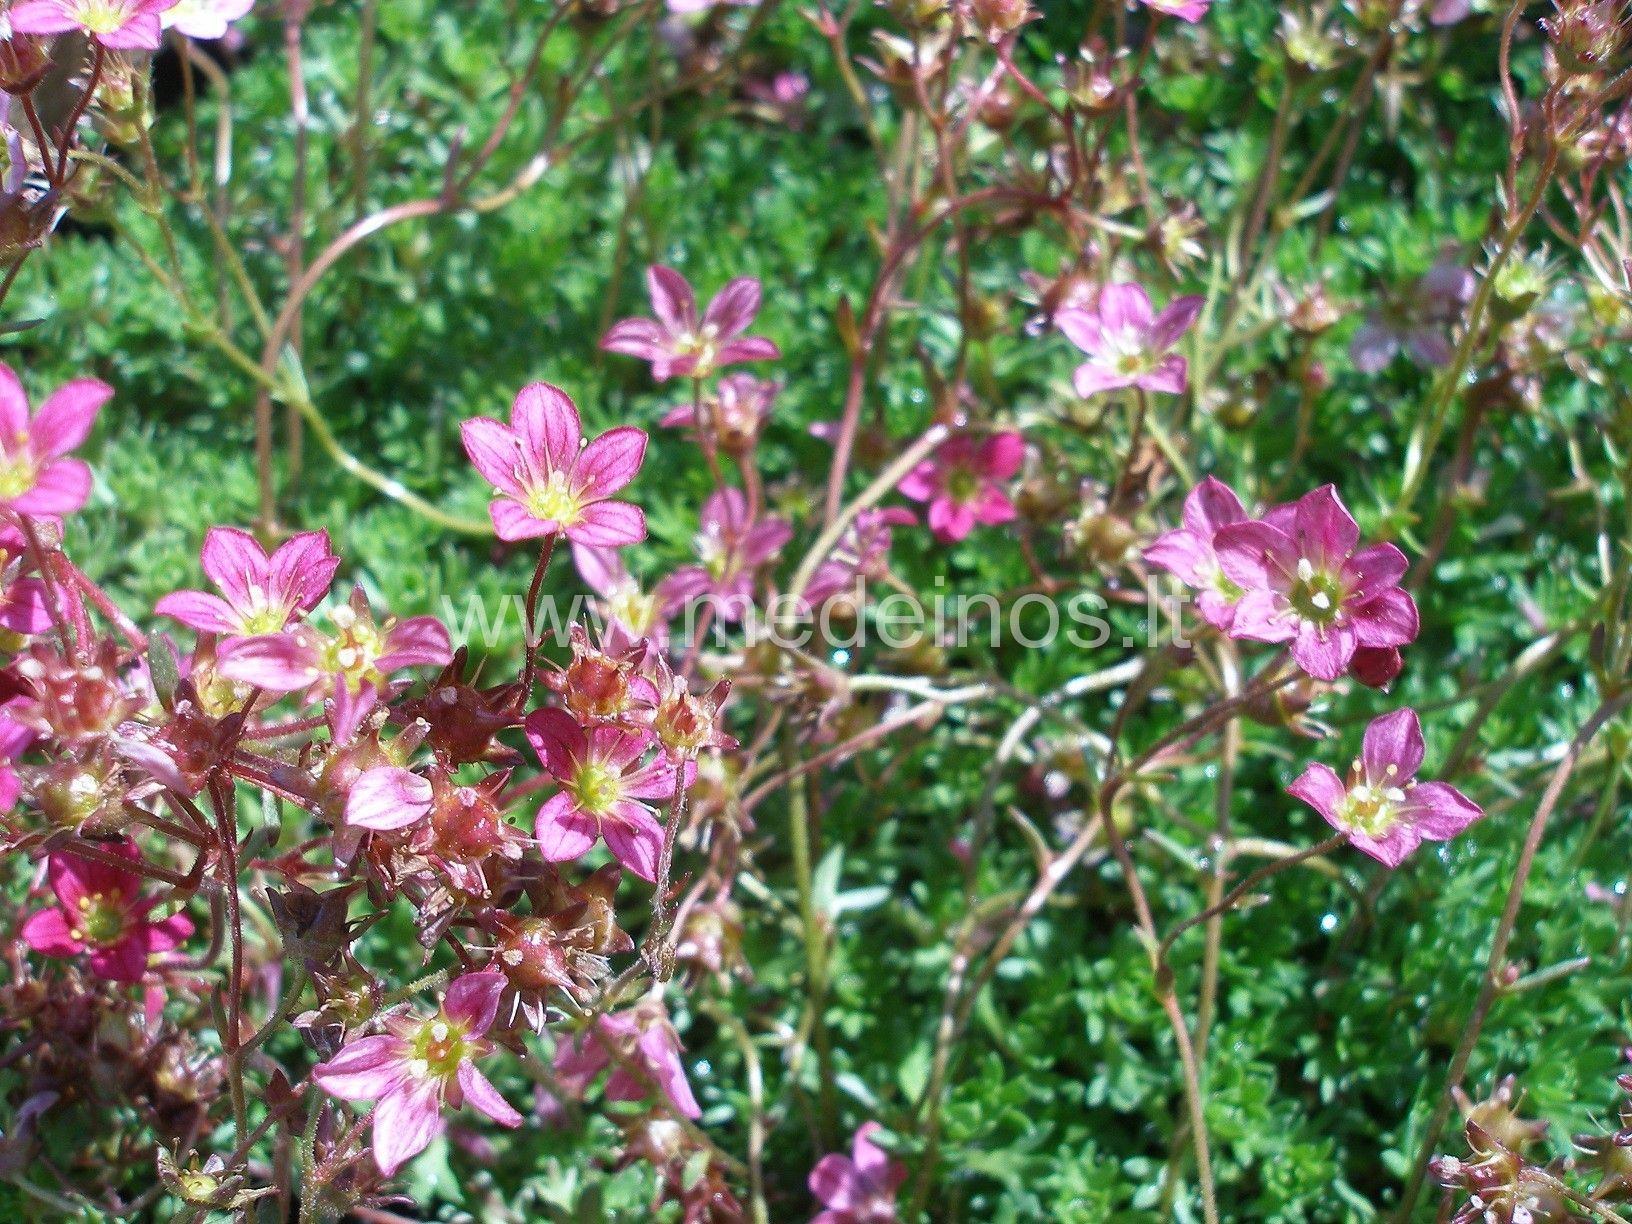 Arenso uolaskėlė (Saxifraga x arendsii)